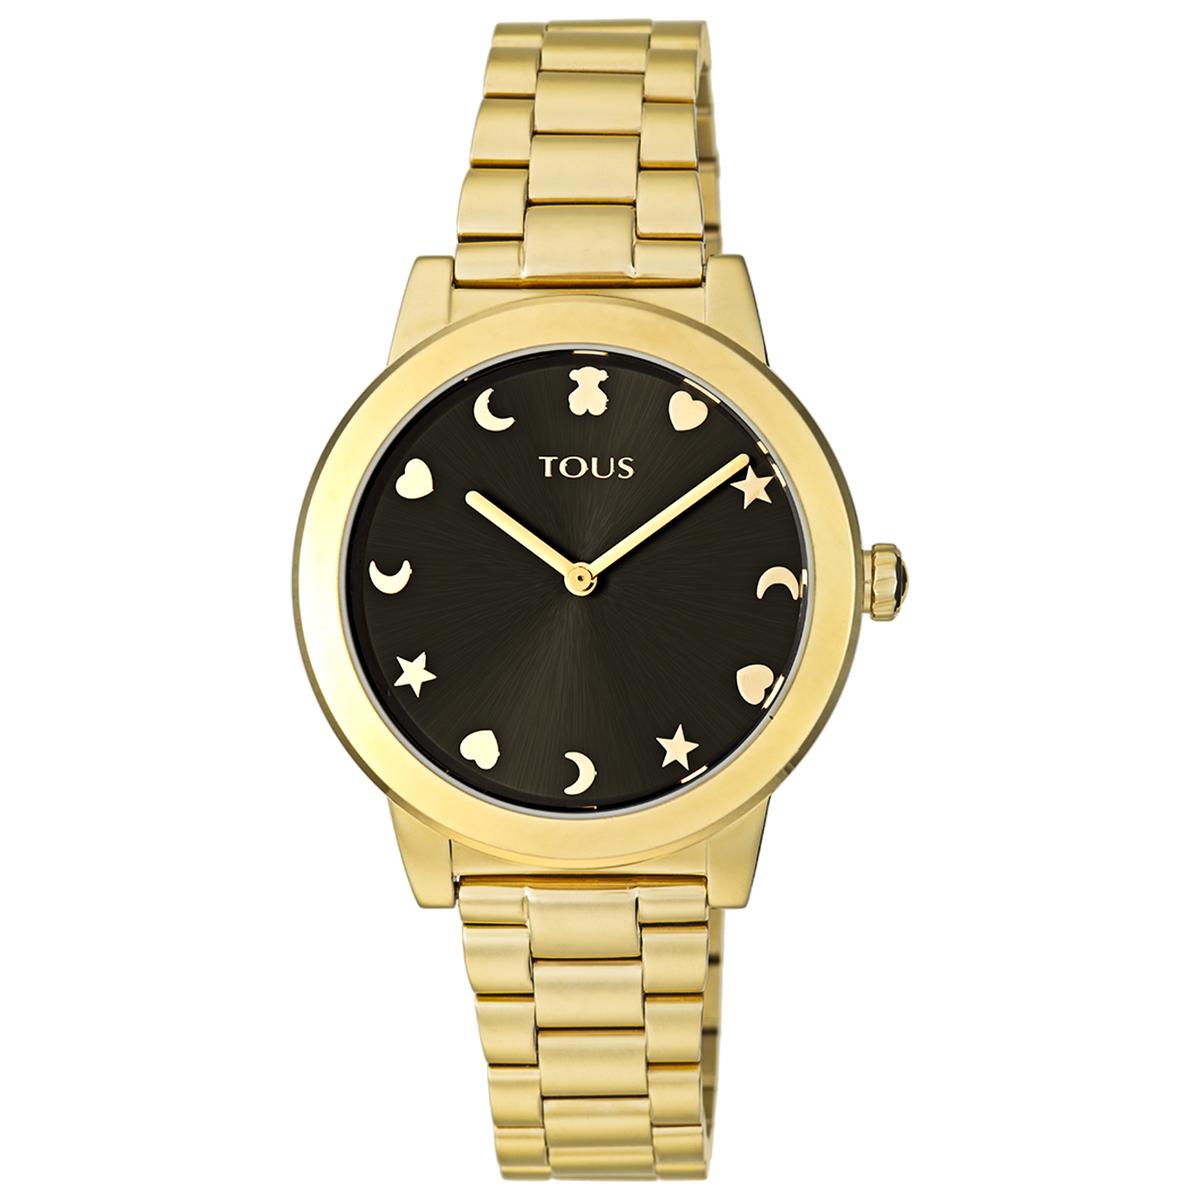 Oferta de Reloj Nocturne de acero IP dorado con esfera negra por 225€